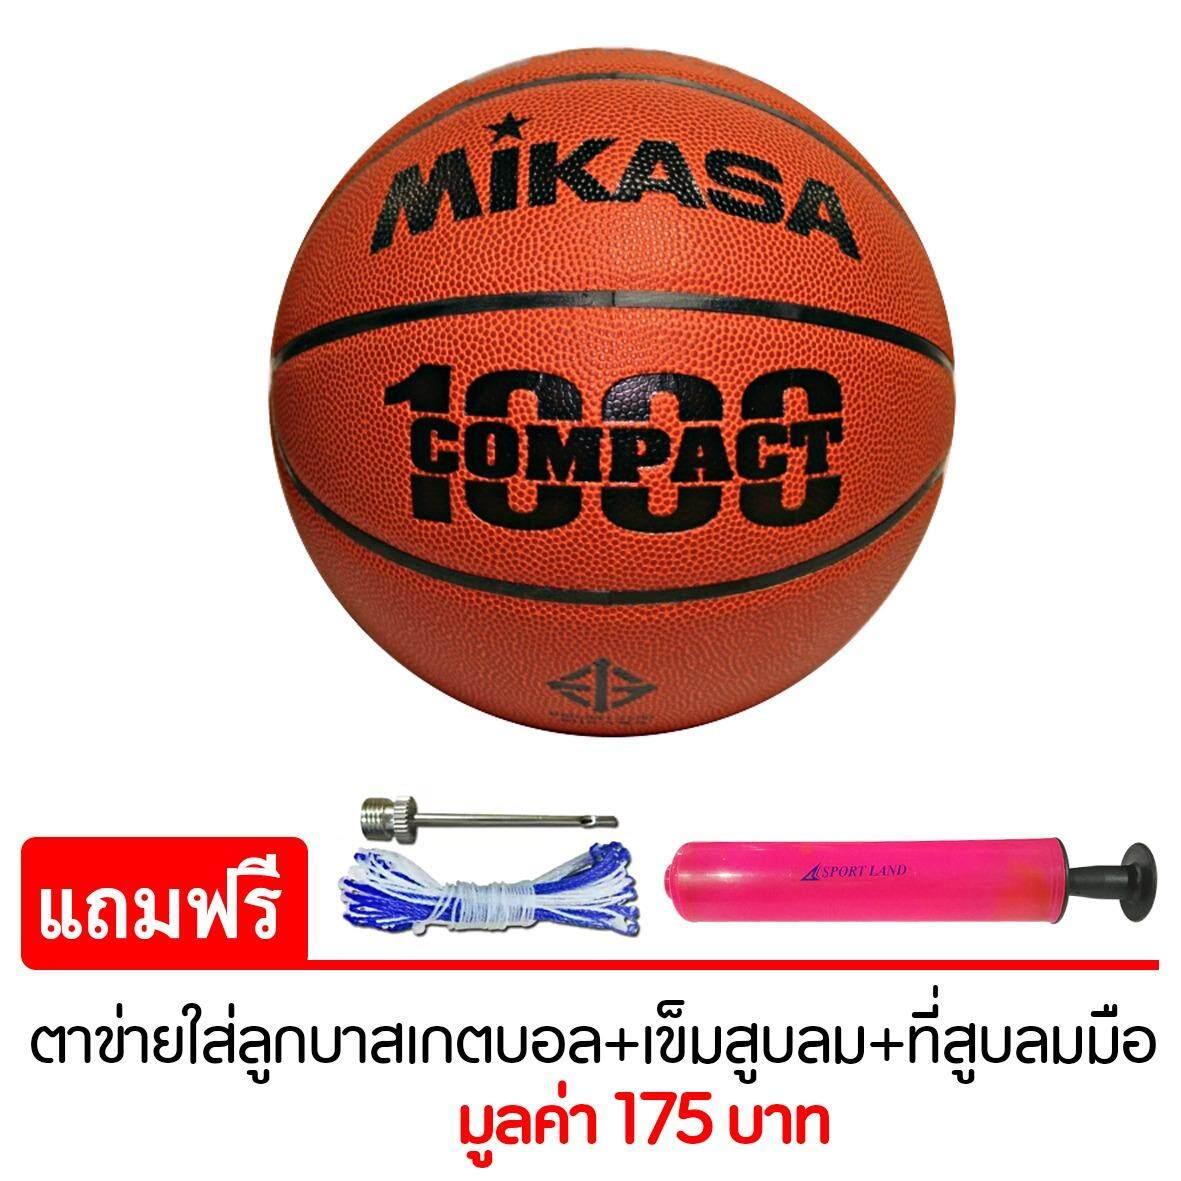 ราคา Mikasa Basketball Mks Pu Bqc1000 Fiba Orange แถมฟรี ตาข่ายใส่ลูกบาสเกตบอล เข็มสูบสูบลม สูบมือ Spl รุ่น Sl6 สีชมพู ที่สุด